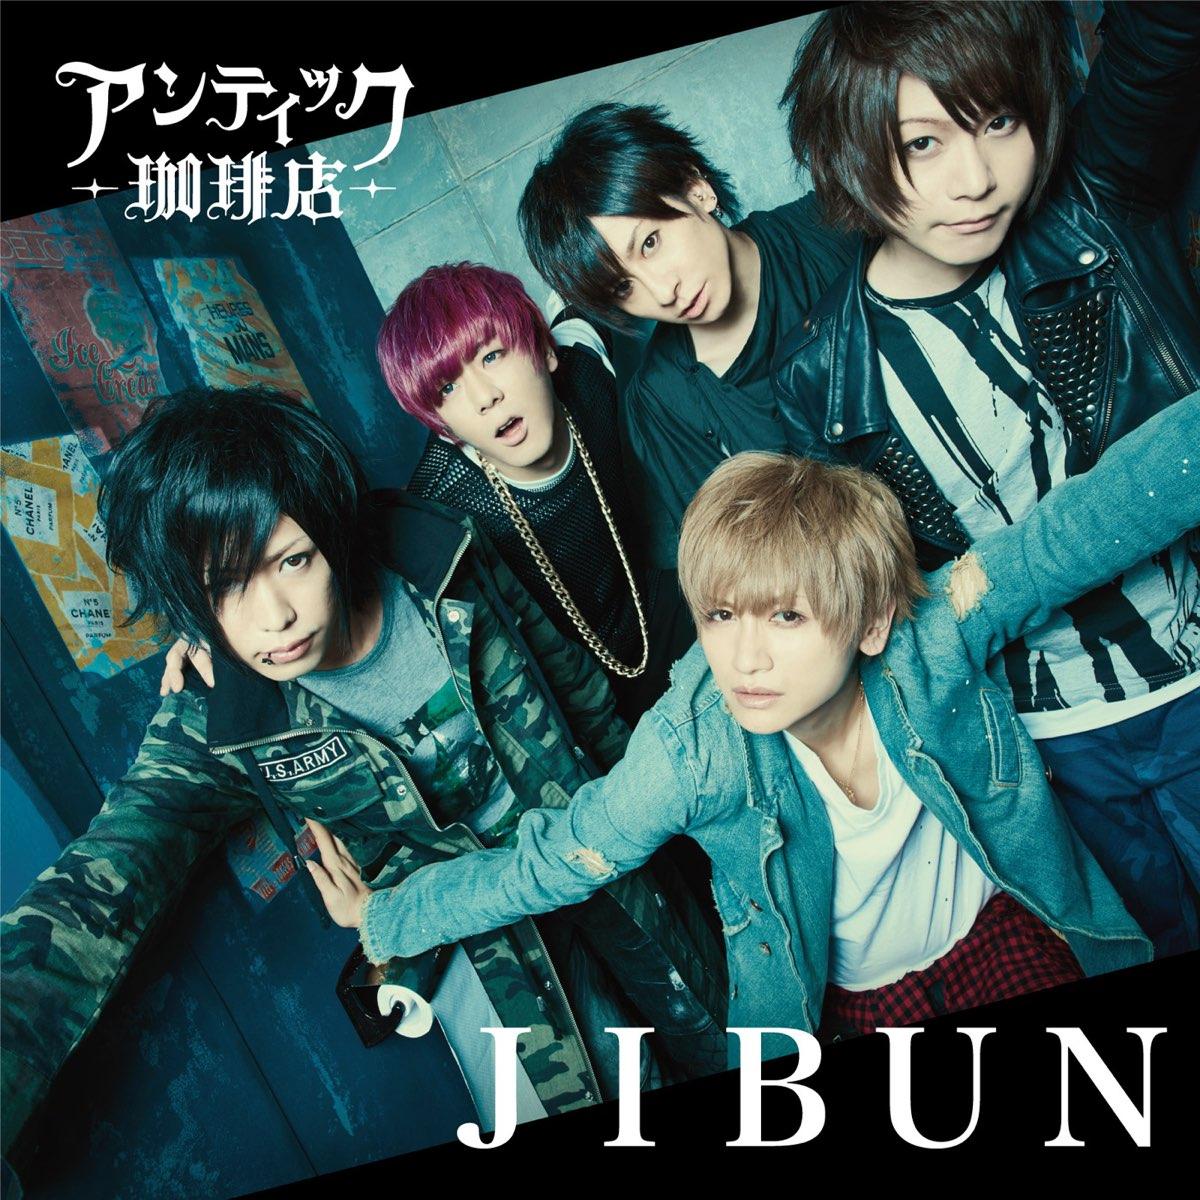 アンティック-珈琲店-の「JIBUN - Single」をiTunesで